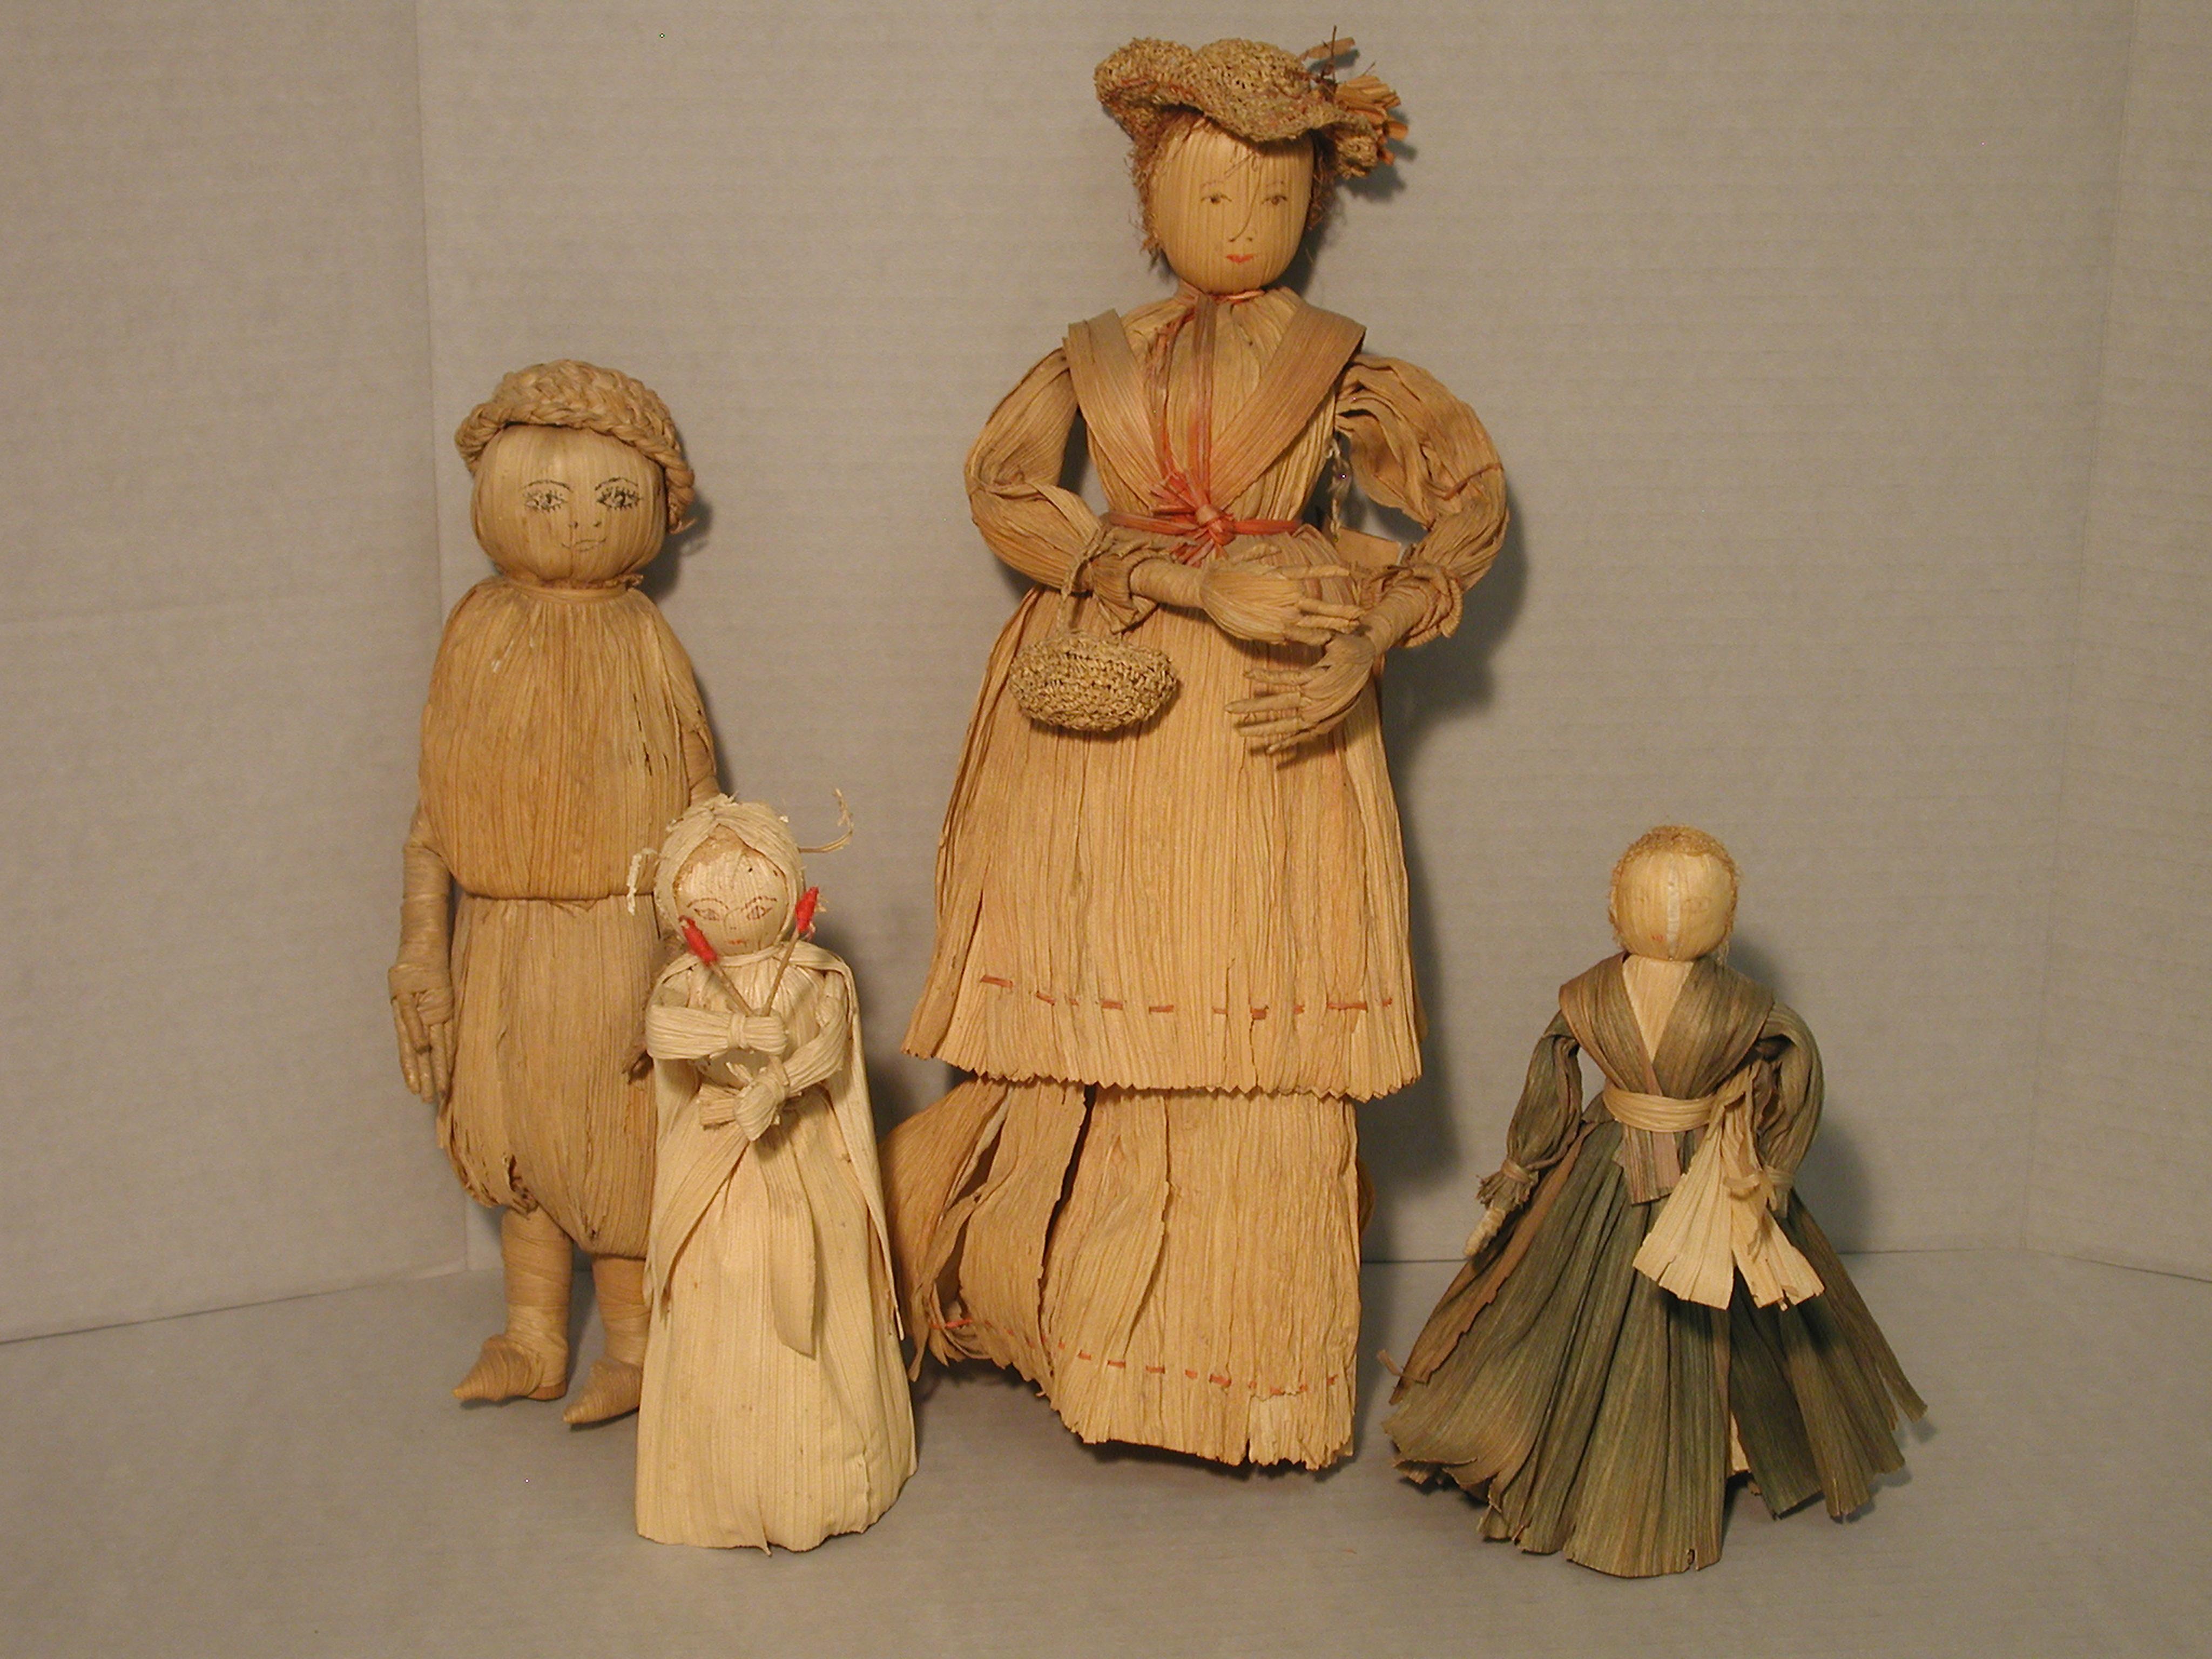 Appalachian Crafts